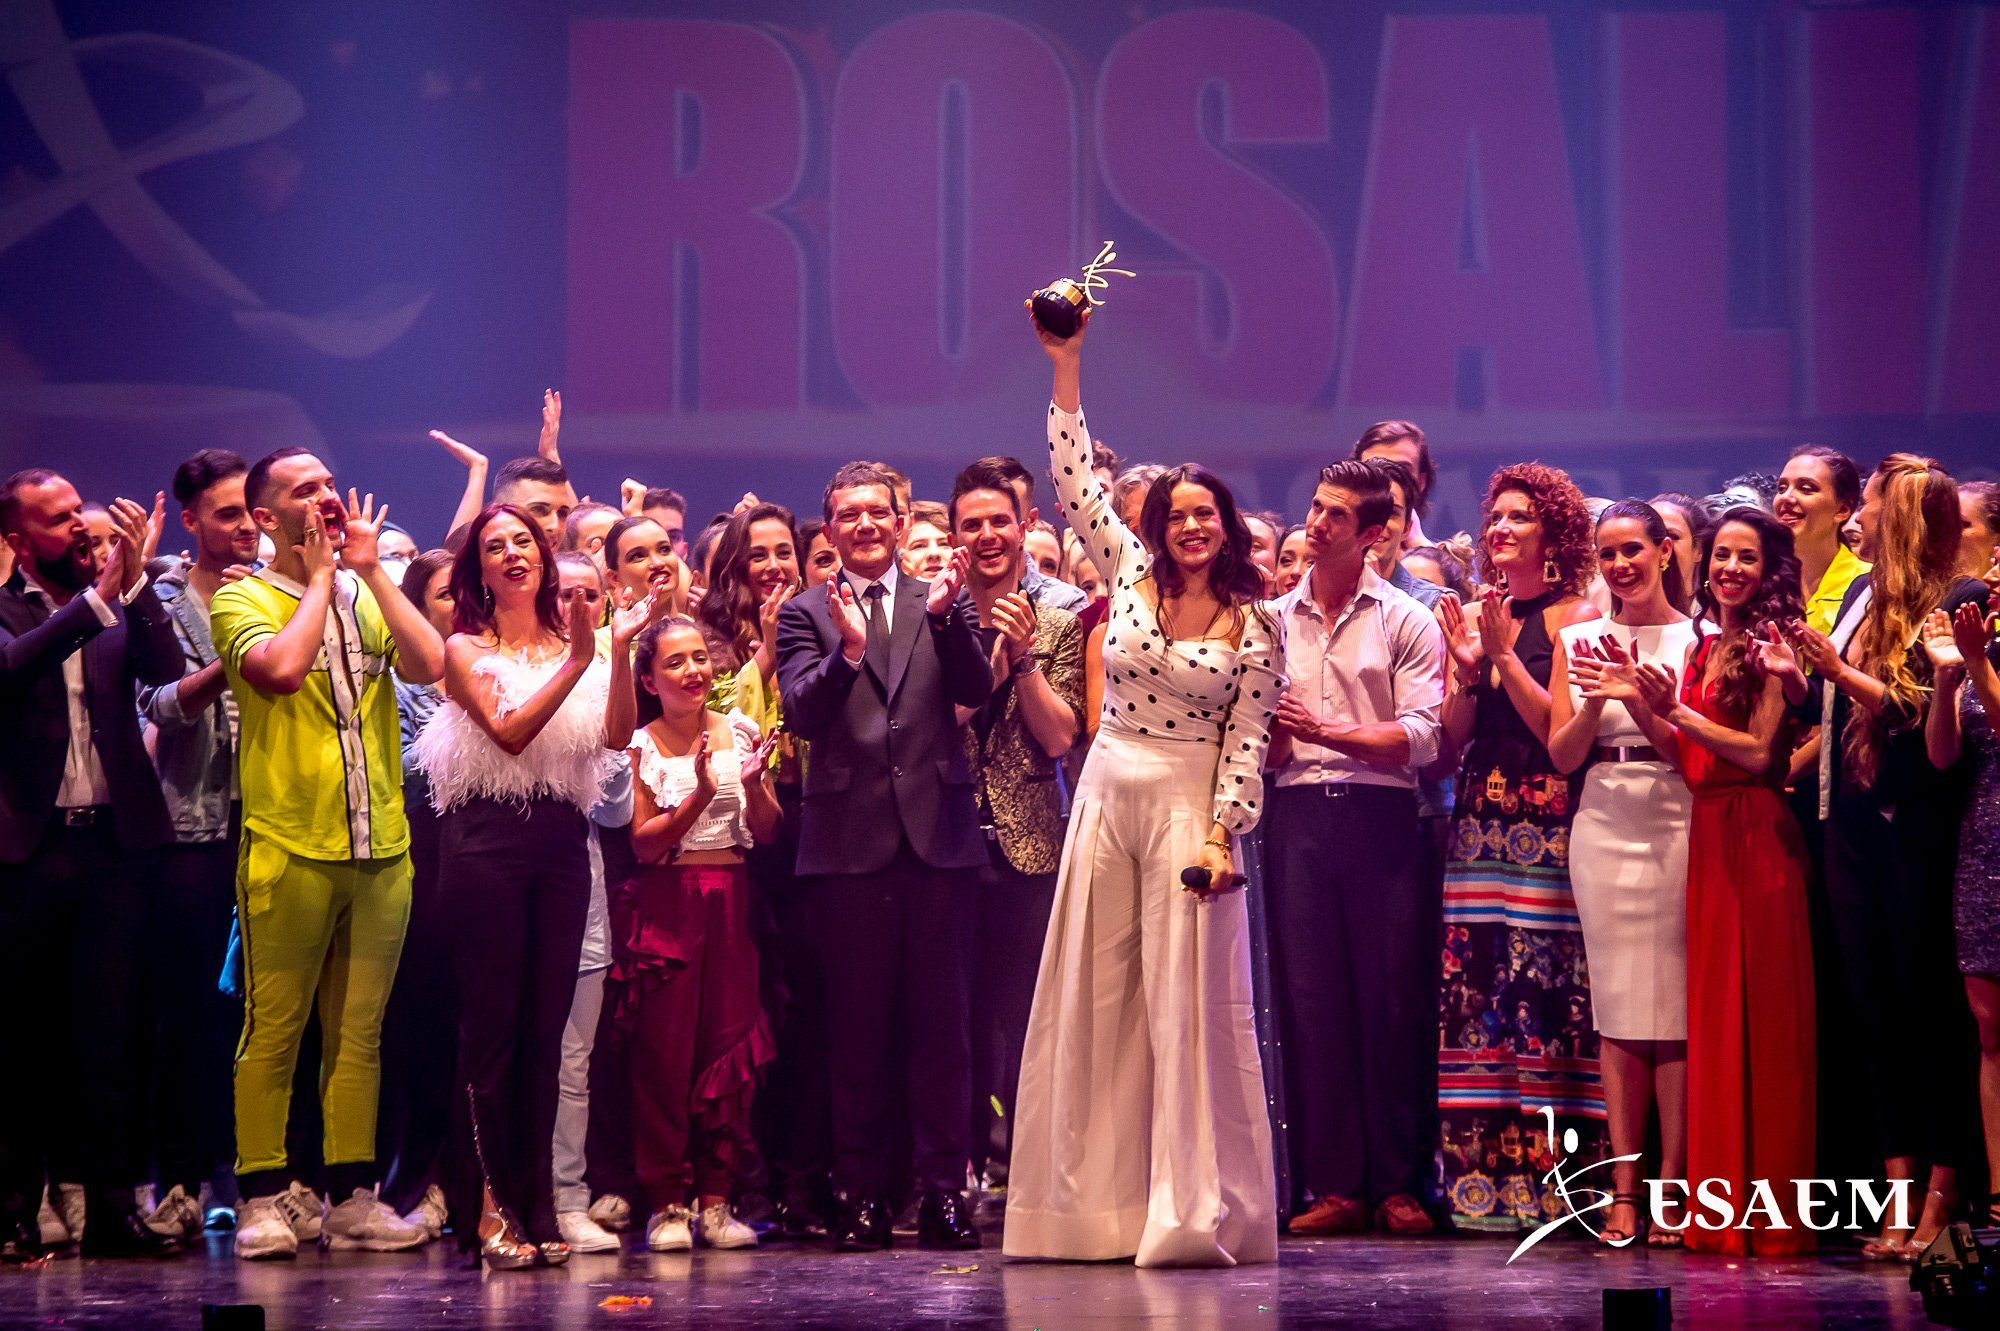 rosalia-premio-antonio-banderas-esaem